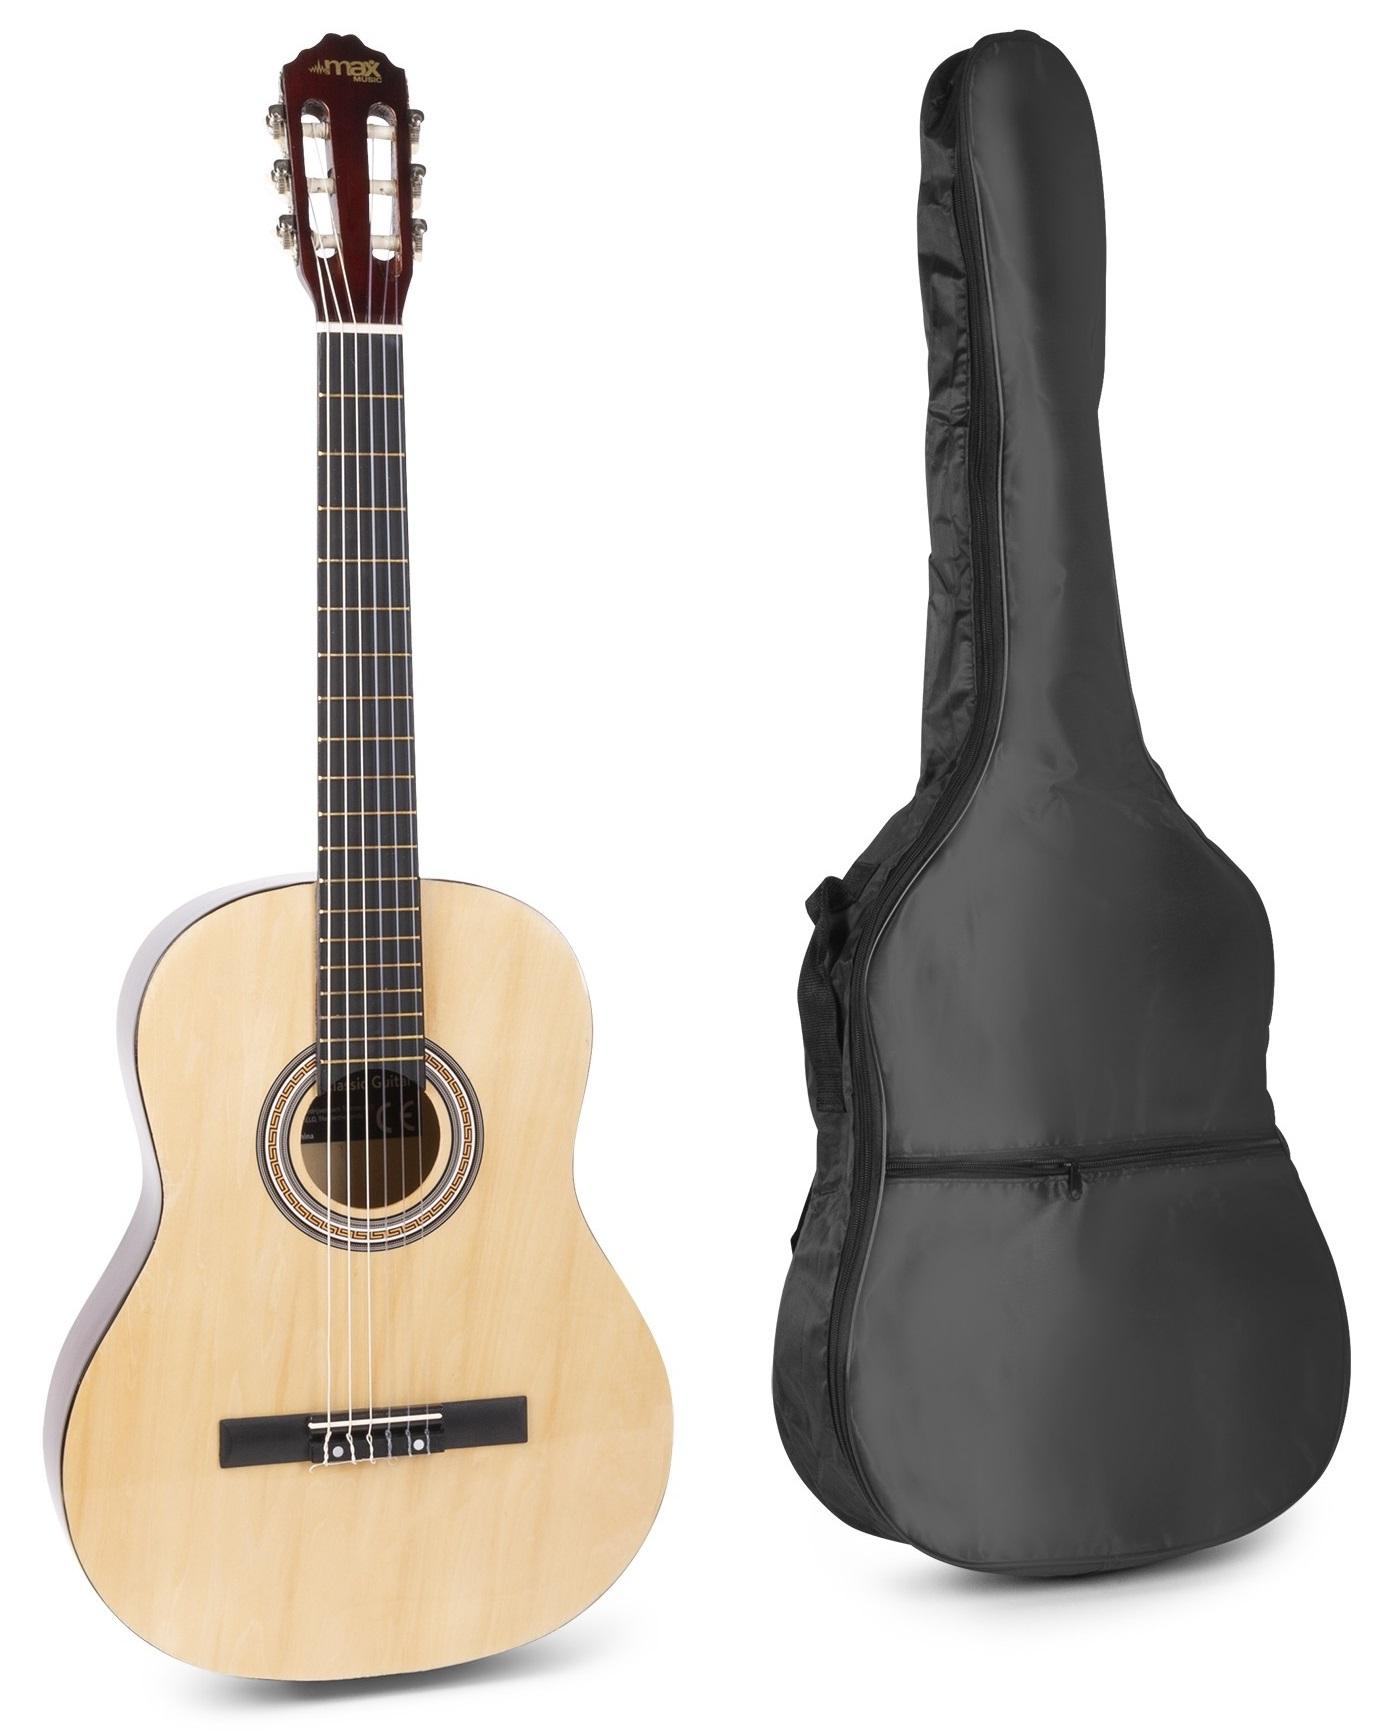 Pack Soloart Guitarra Clássico + Acessórios (Madeira) - MAX